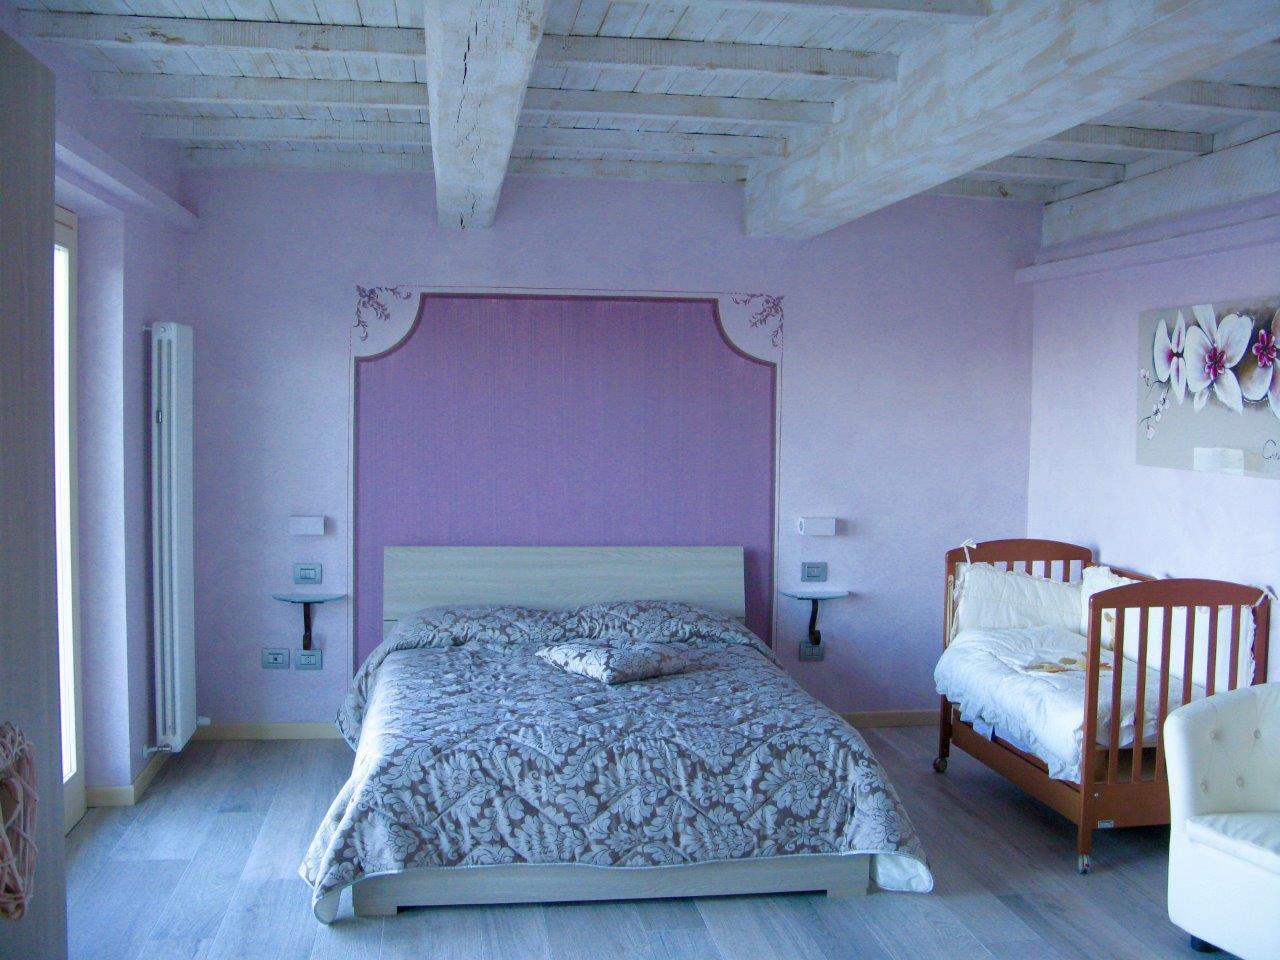 Una camera con un letto matrimoniale ed una culla in legno